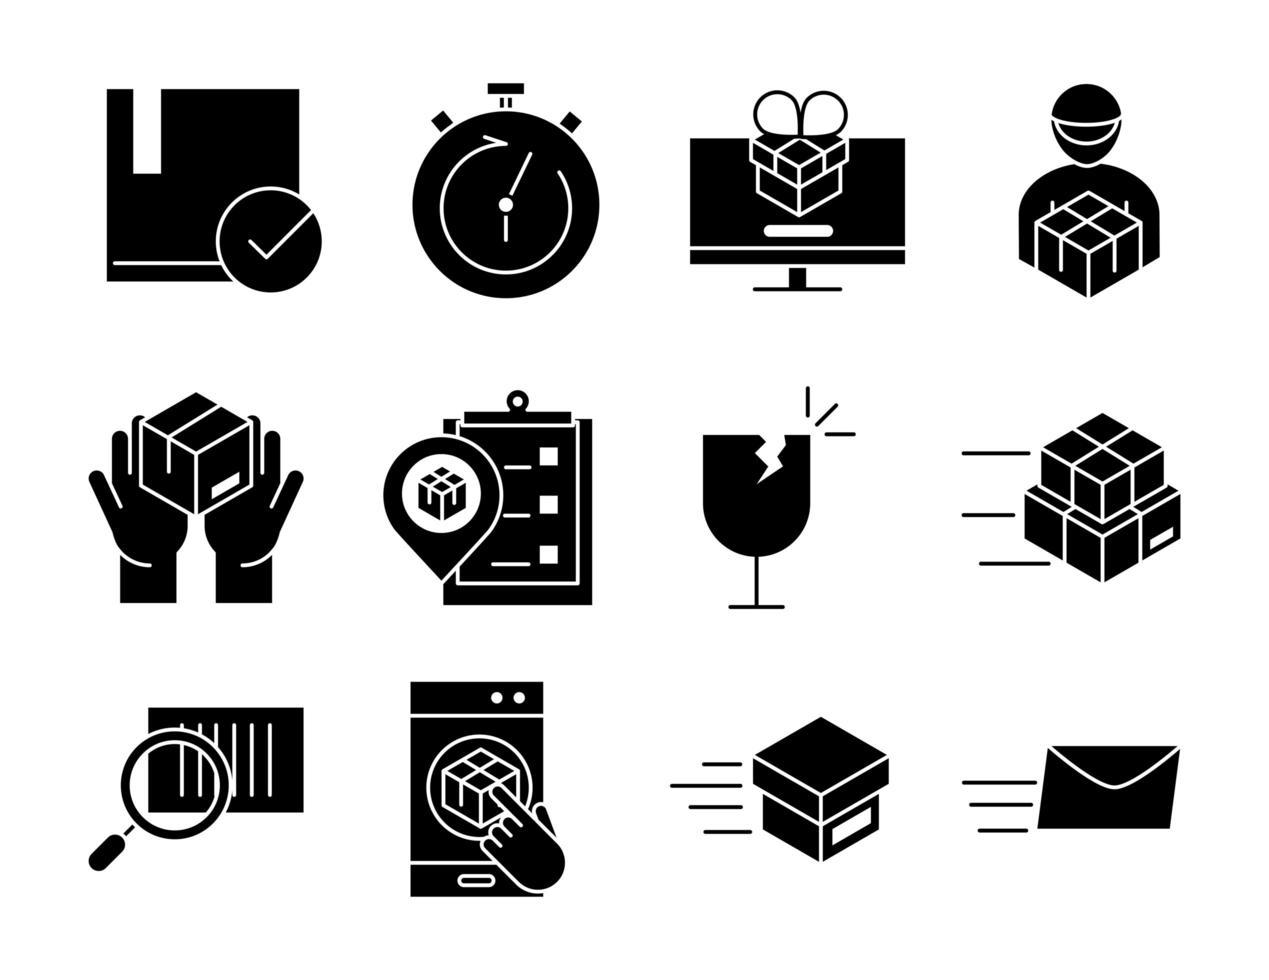 consegna e logistica set di icone nere vettore